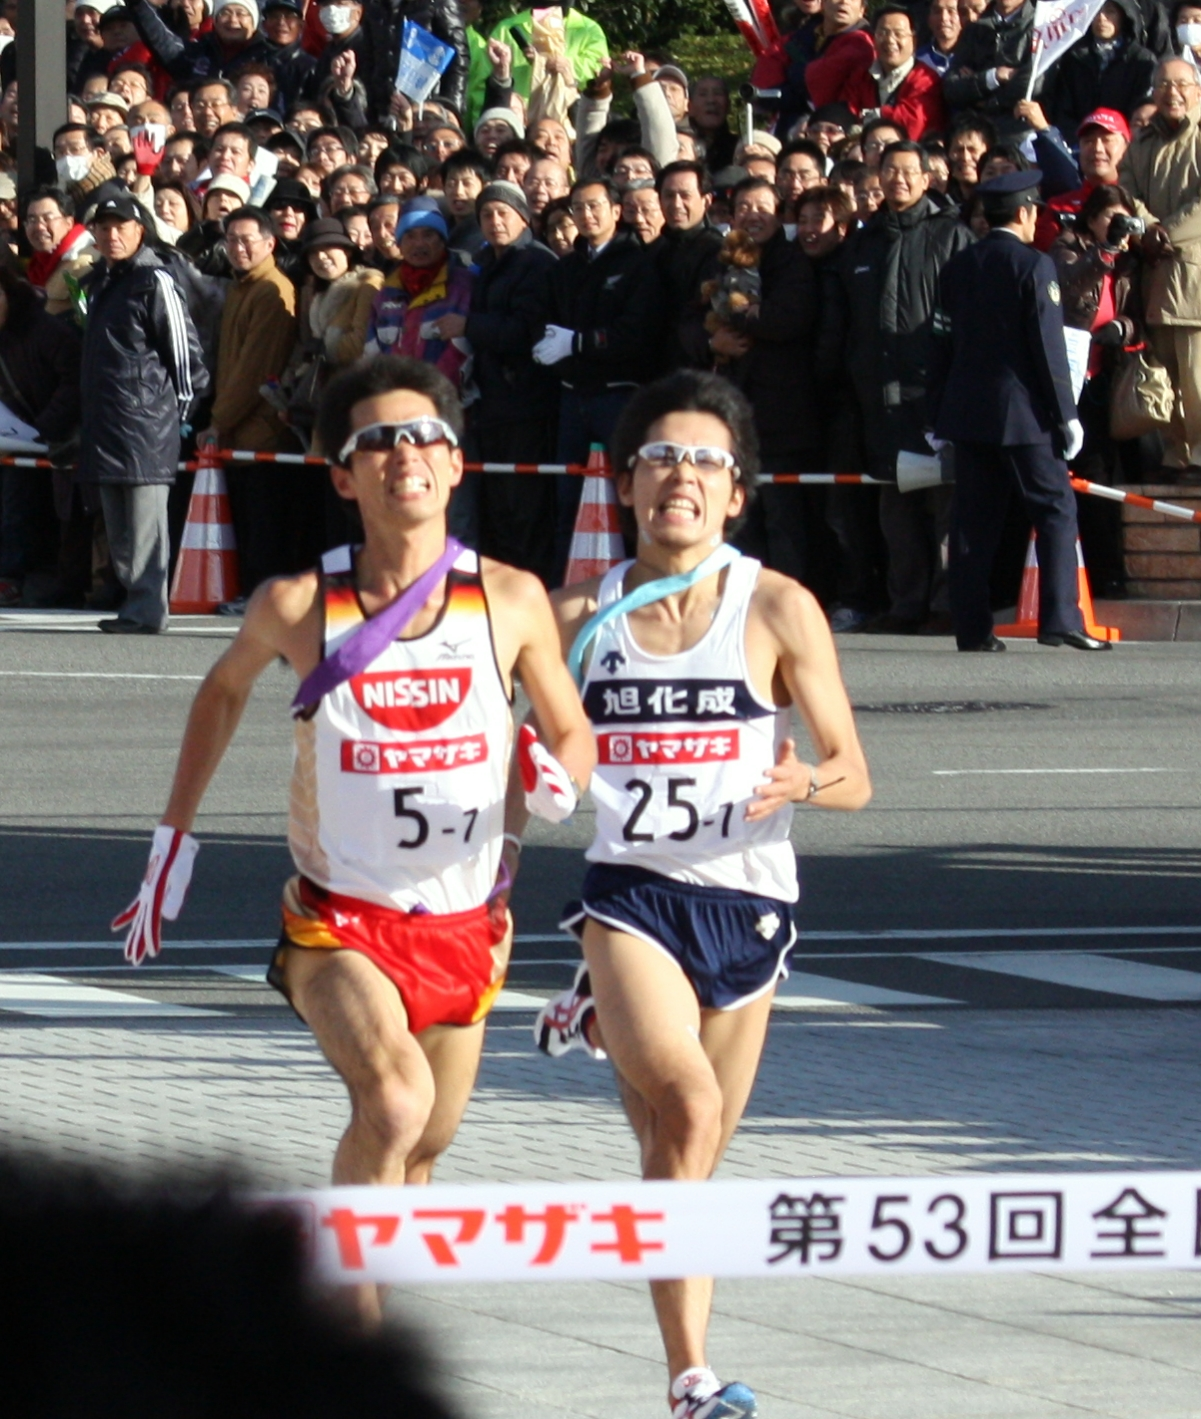 第53回全日本実業団駅伝(ニューイヤー駅伝2009)